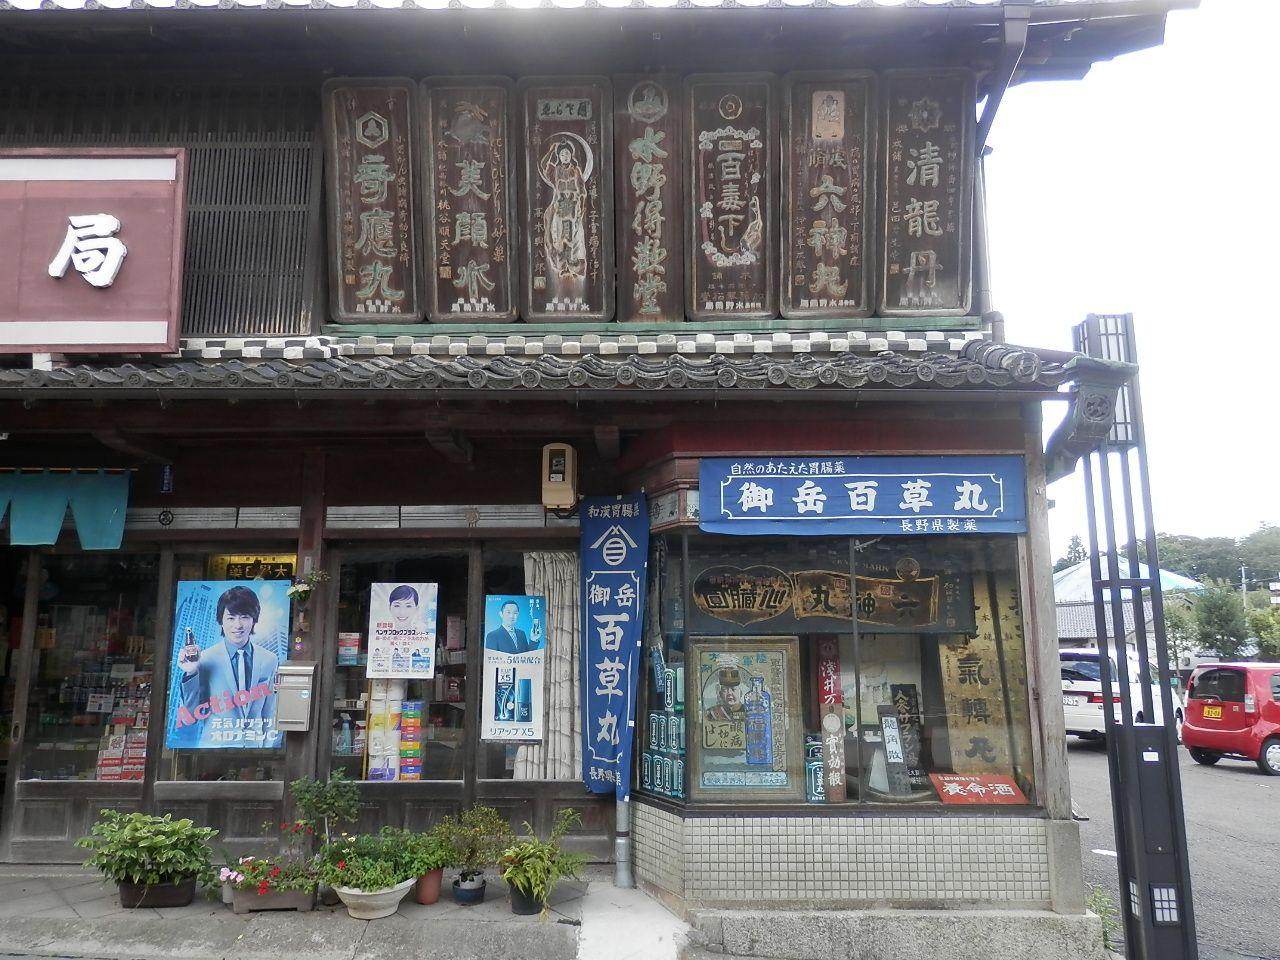 城下町では、お店の看板にも注目